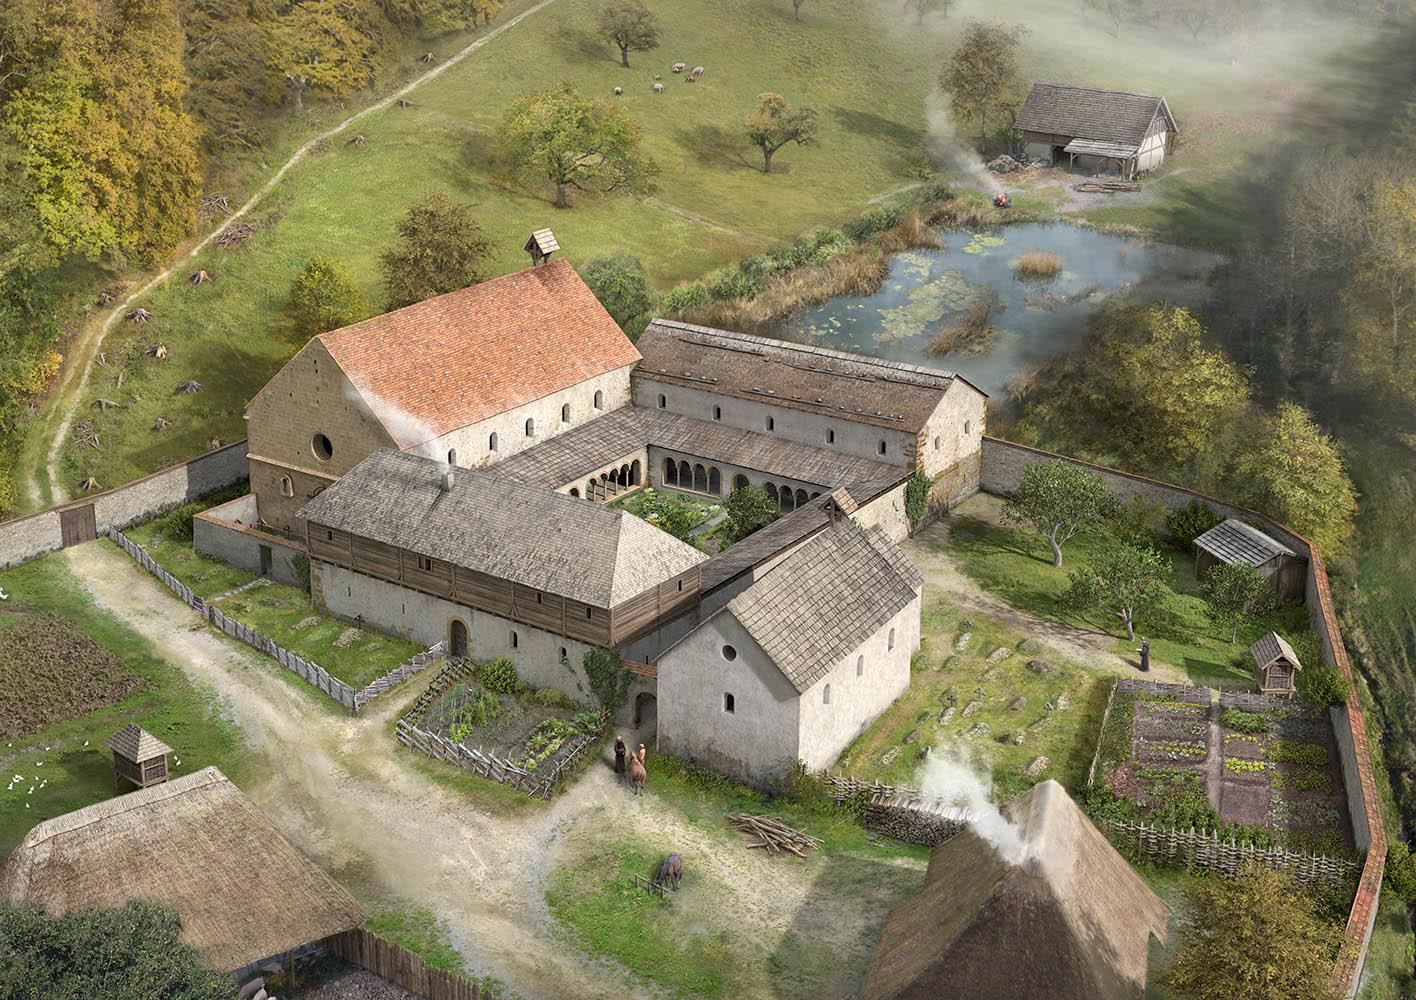 Rekonstruktionsversuch Kloster Schöntal im Mittelalter